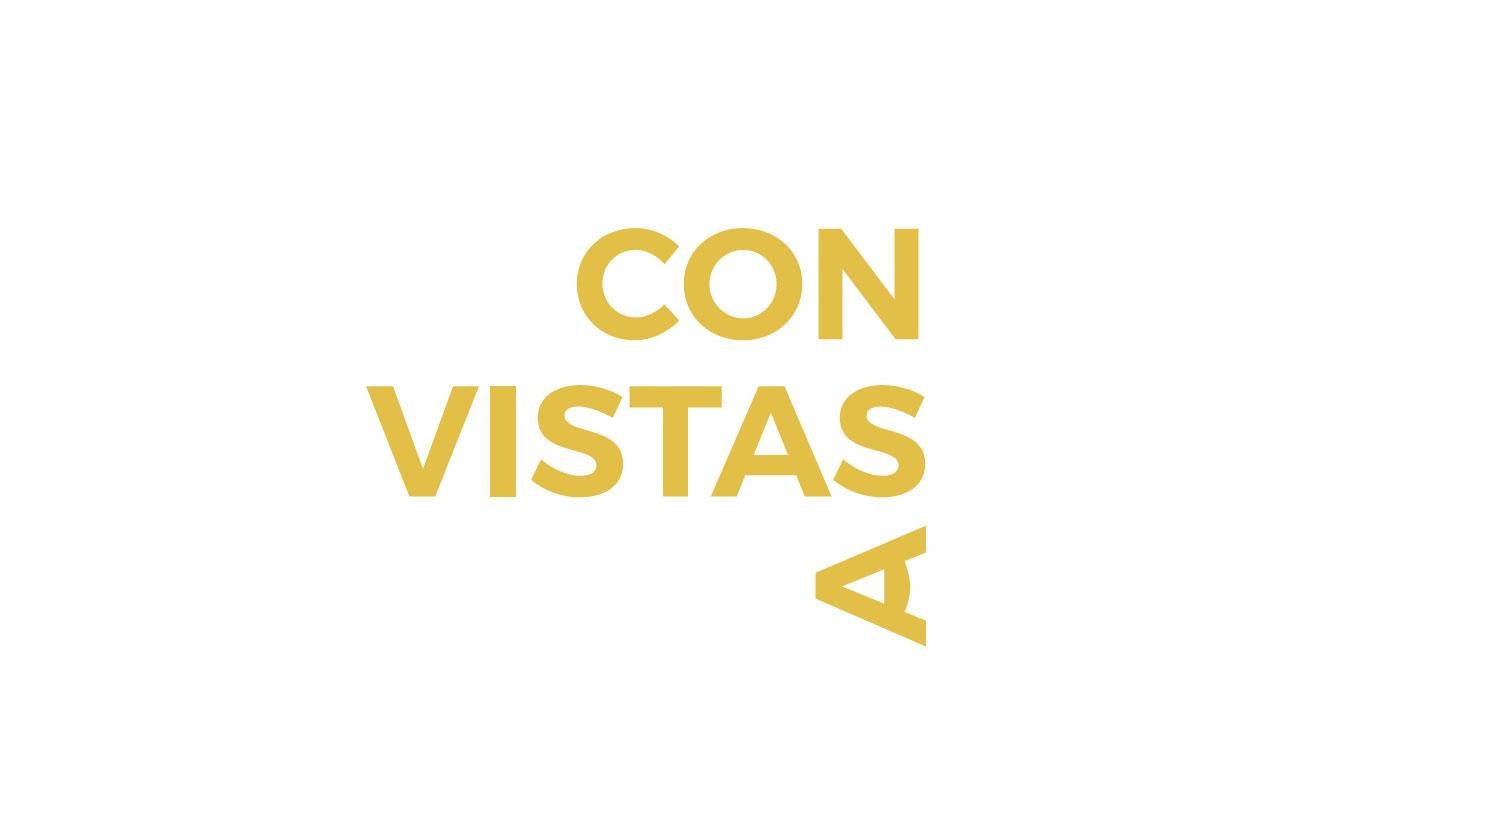 convistas_02.jpg